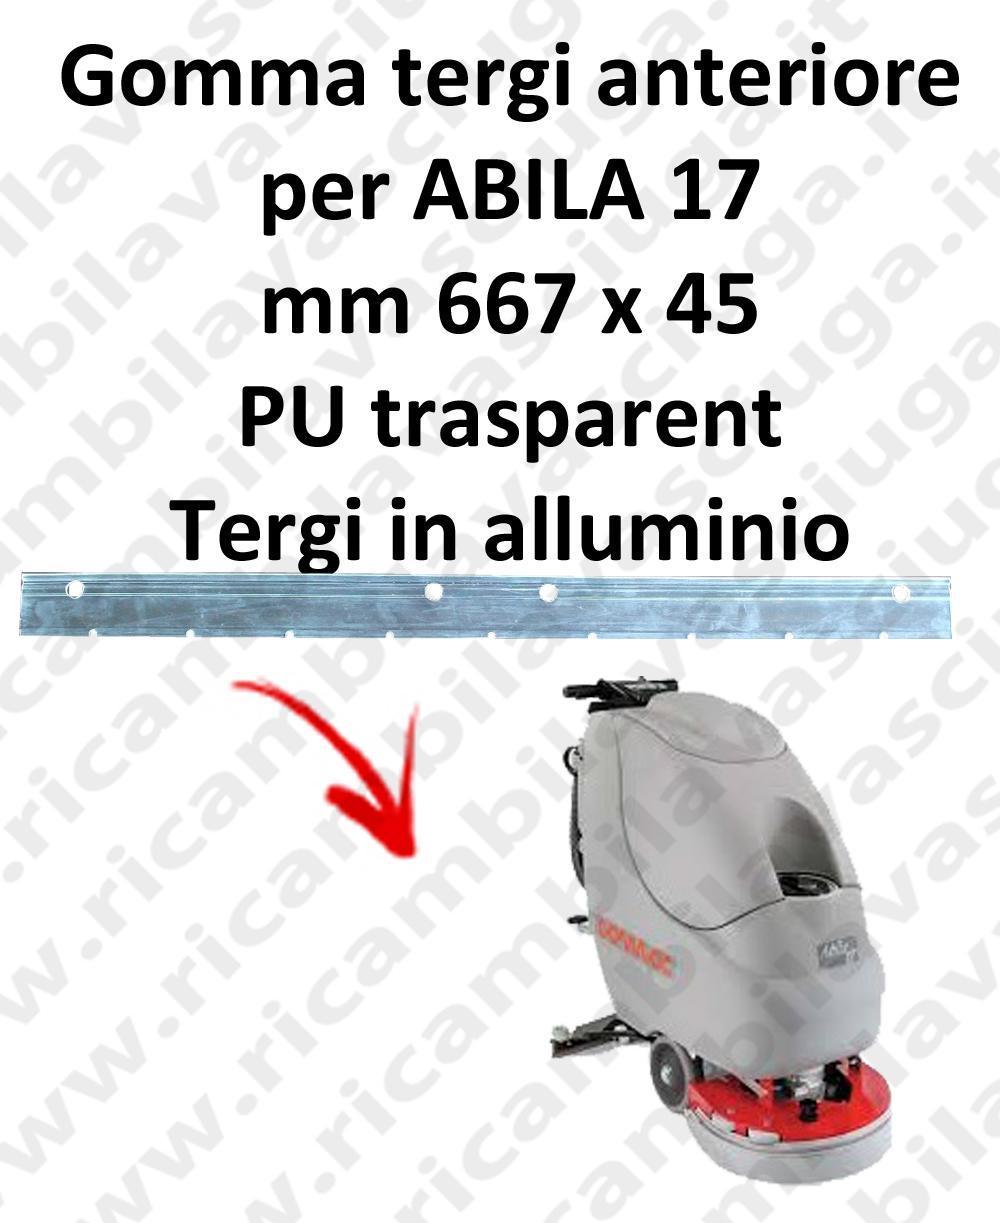 ABILA 17 goma de secado delantera para COMAC repuestos fregadoras squeegee